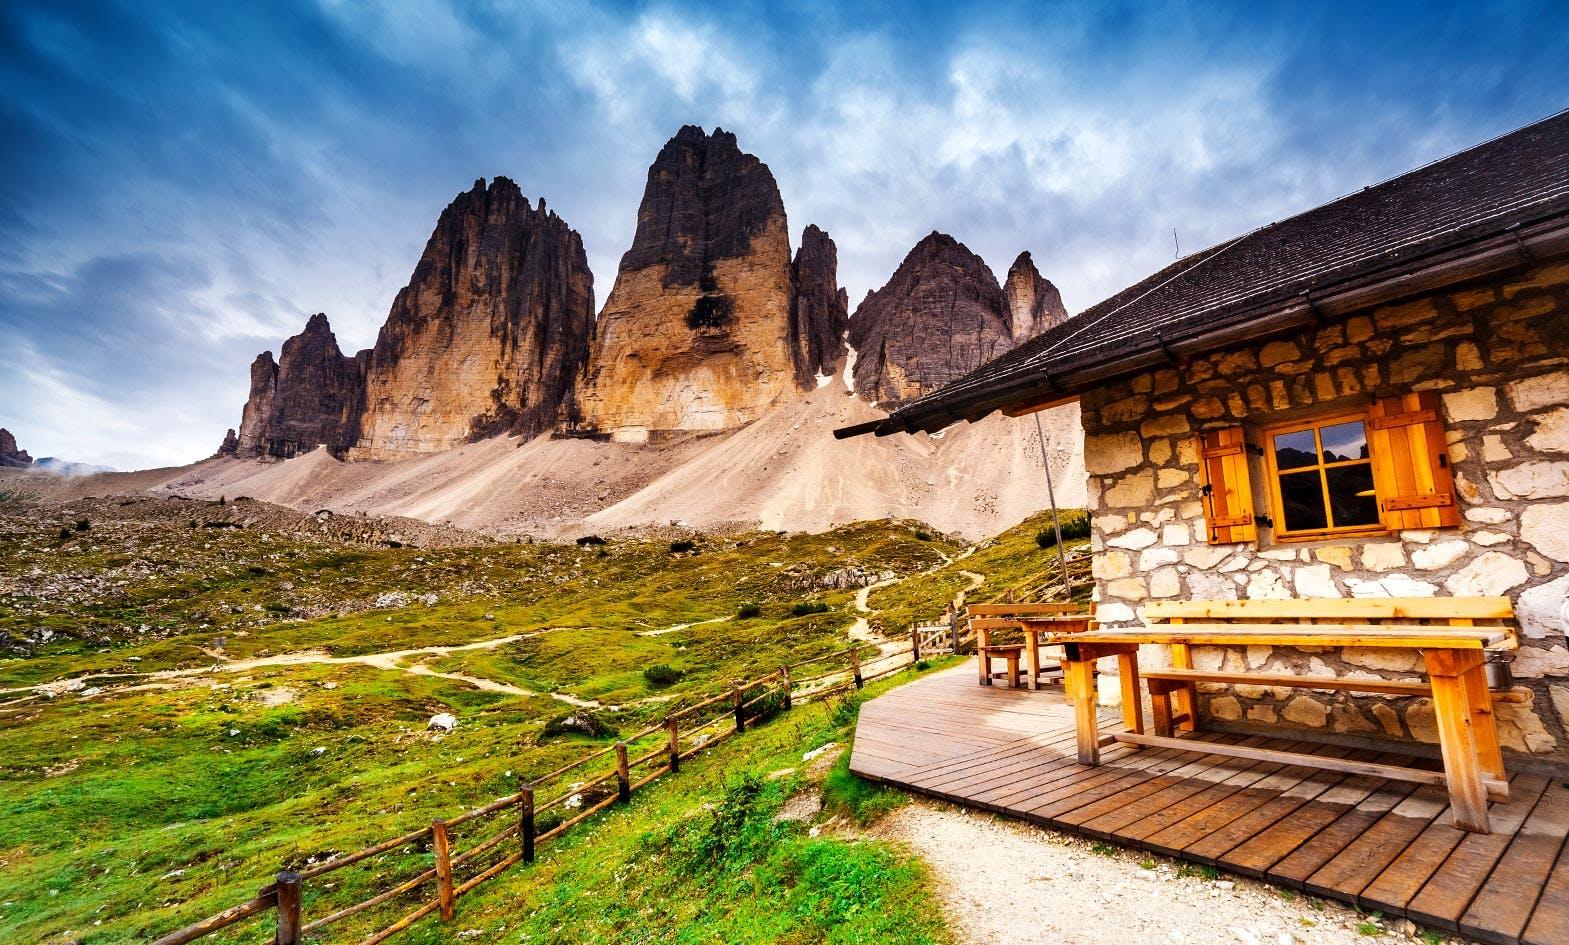 Tre Cime di Lavaredo Dolomites Hut-to-Hut Hiking Tours